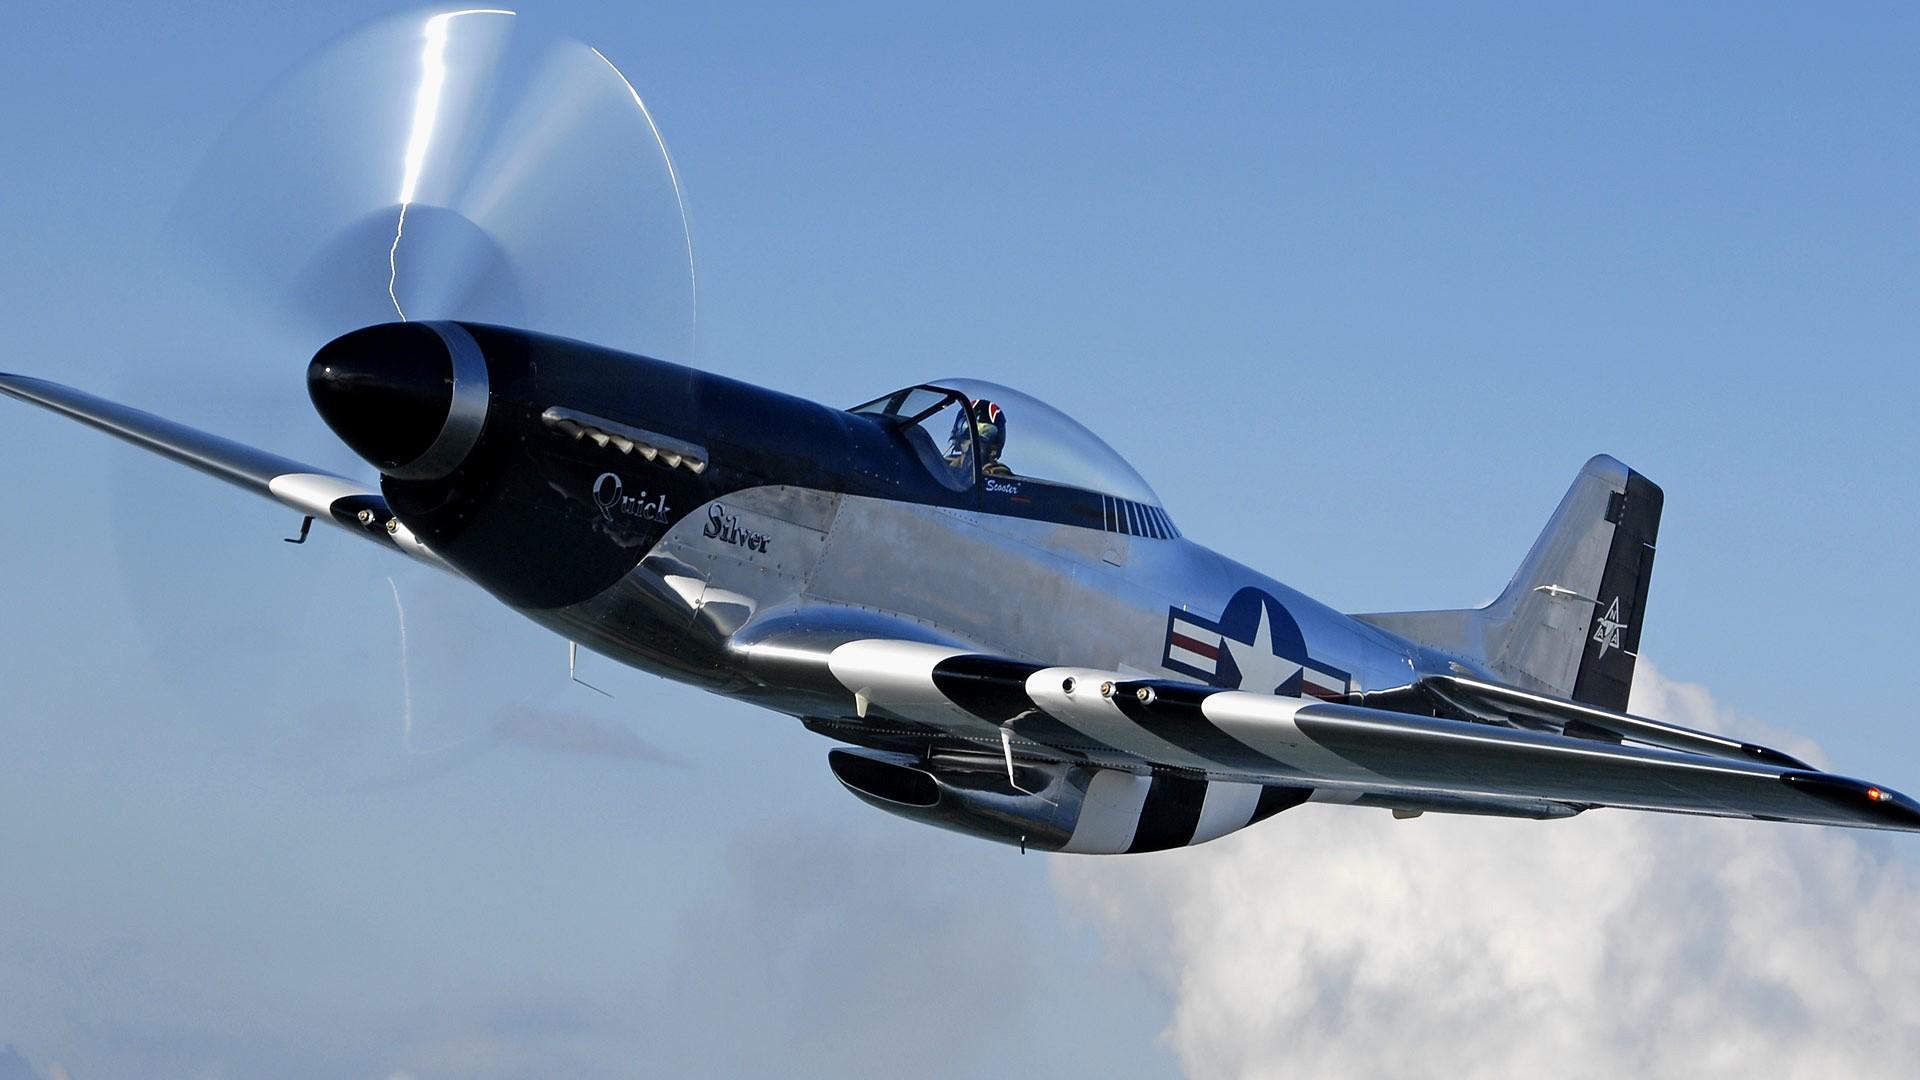 Aircraft warbird p 51 mustang wallpaper 35074 1920x1080